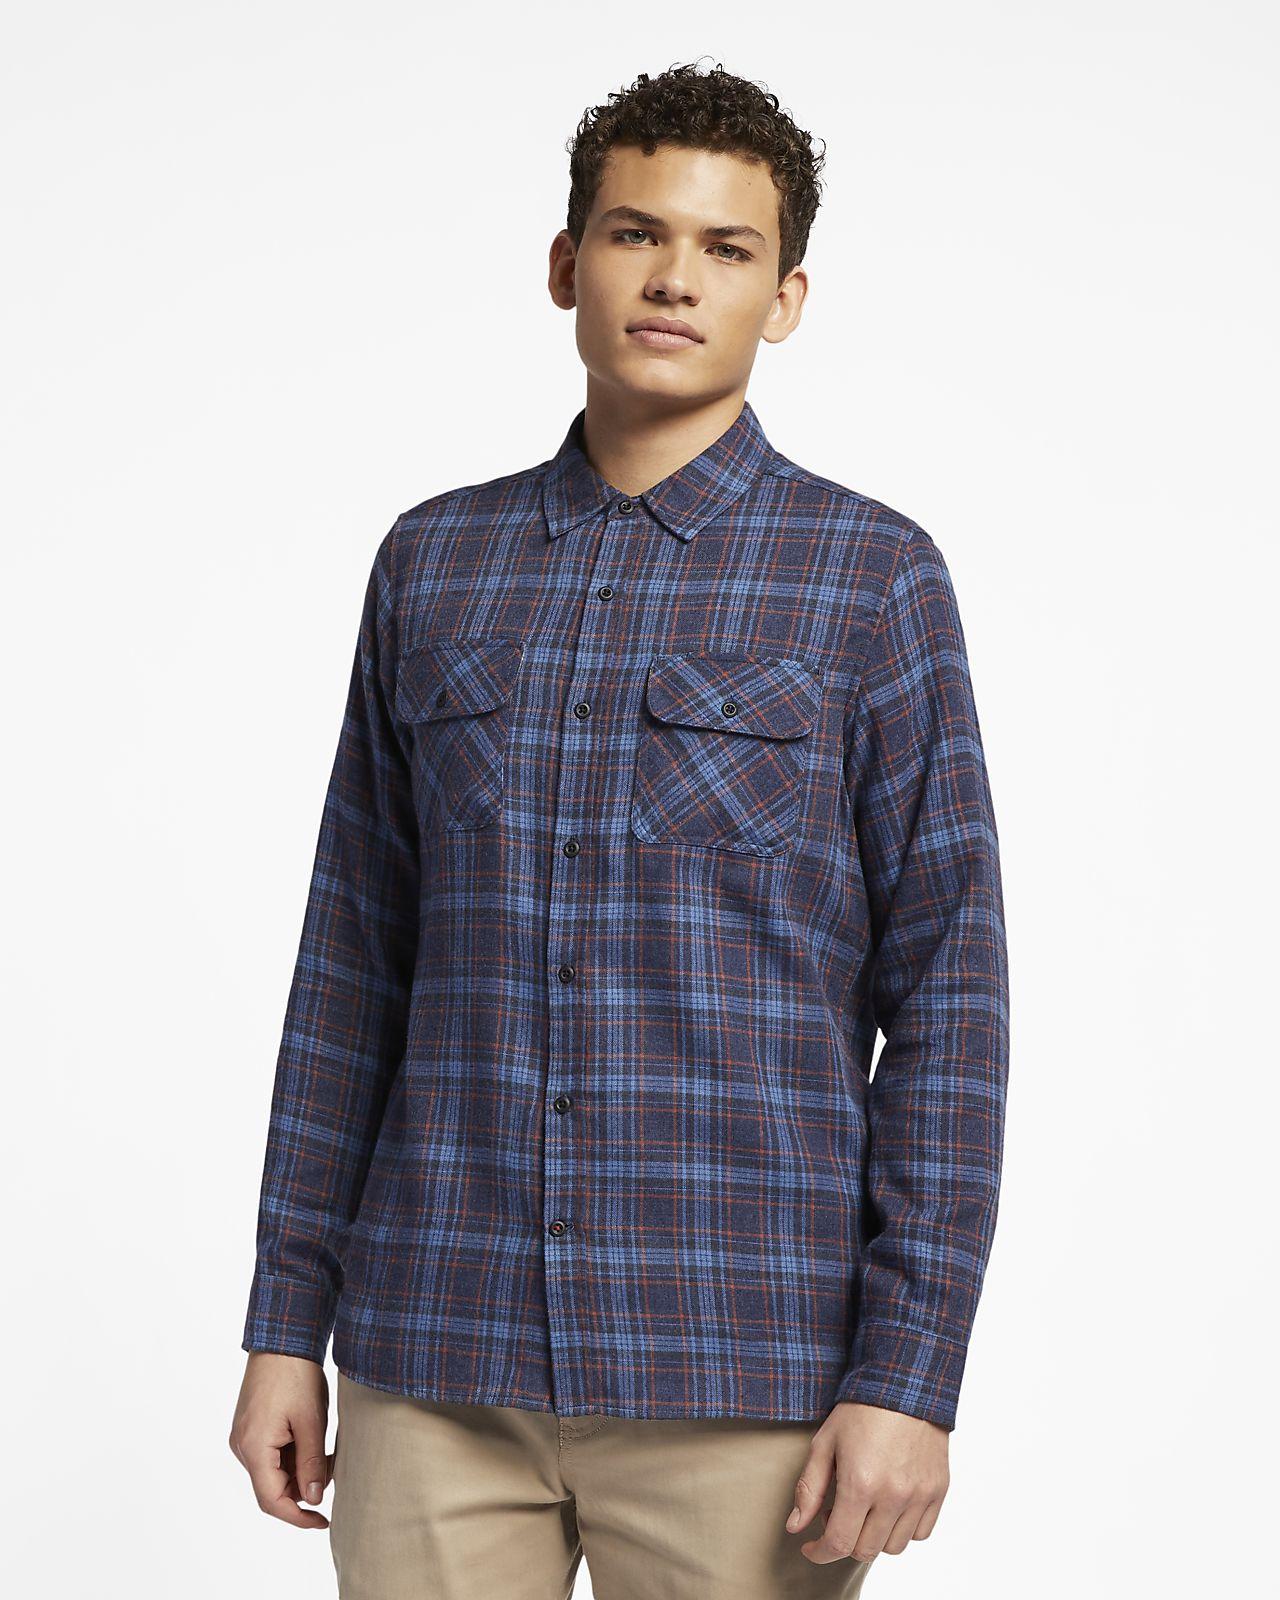 Camisa de flanela de manga comprida Hurley Walker para homem. Nike ... 9c0ce93917937